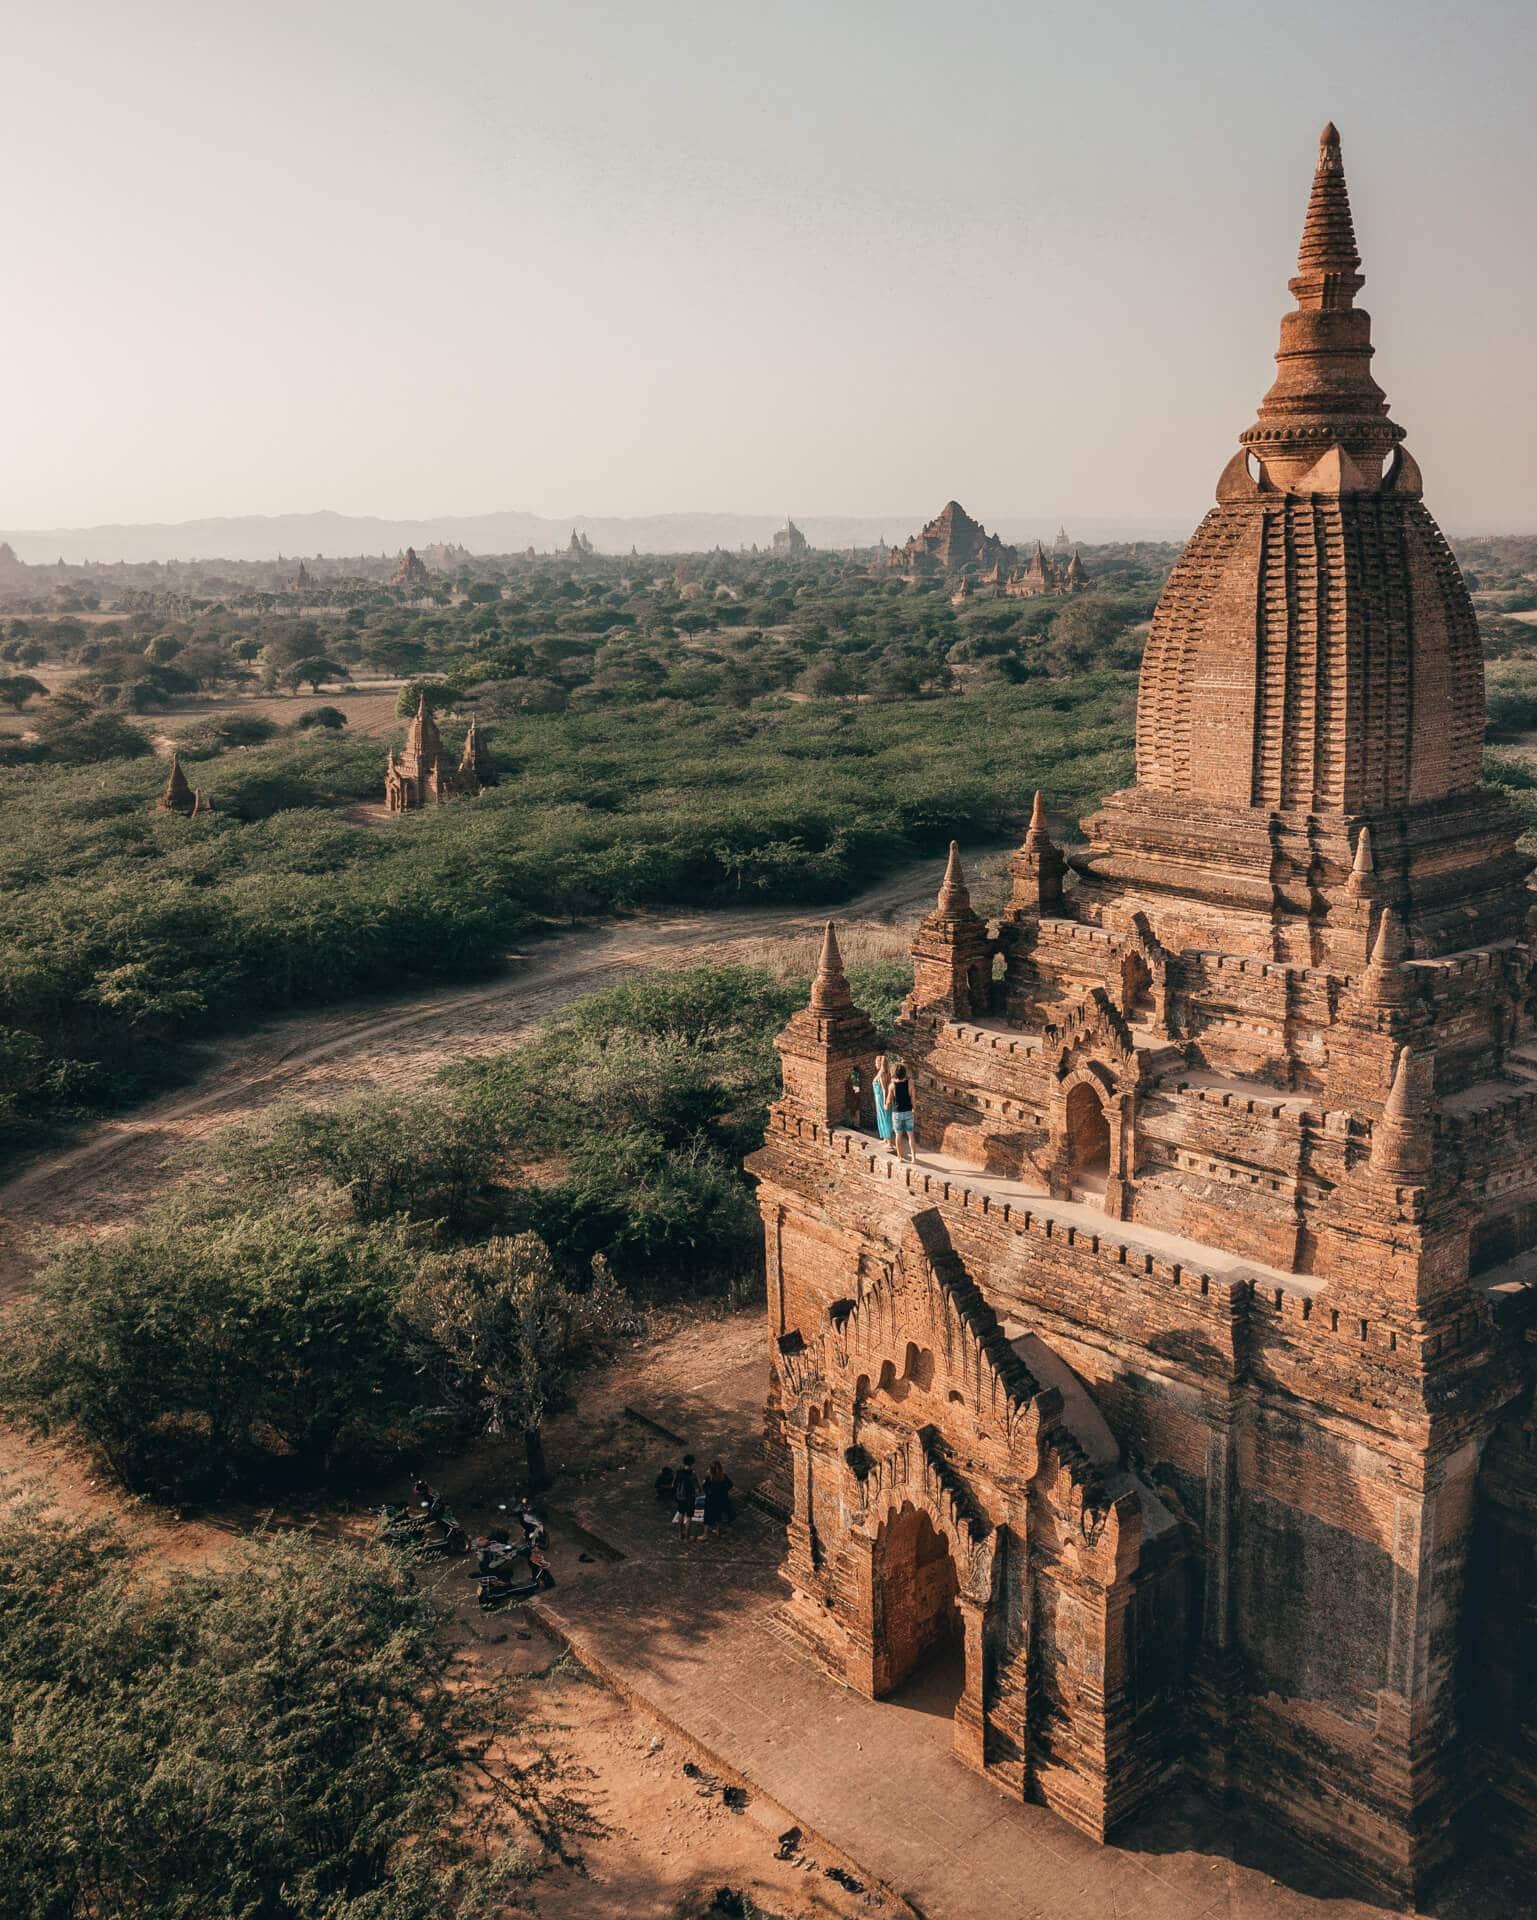 BAGAN MYANMAR - 2019 Ultimate Guide to Bagan, Myanmar